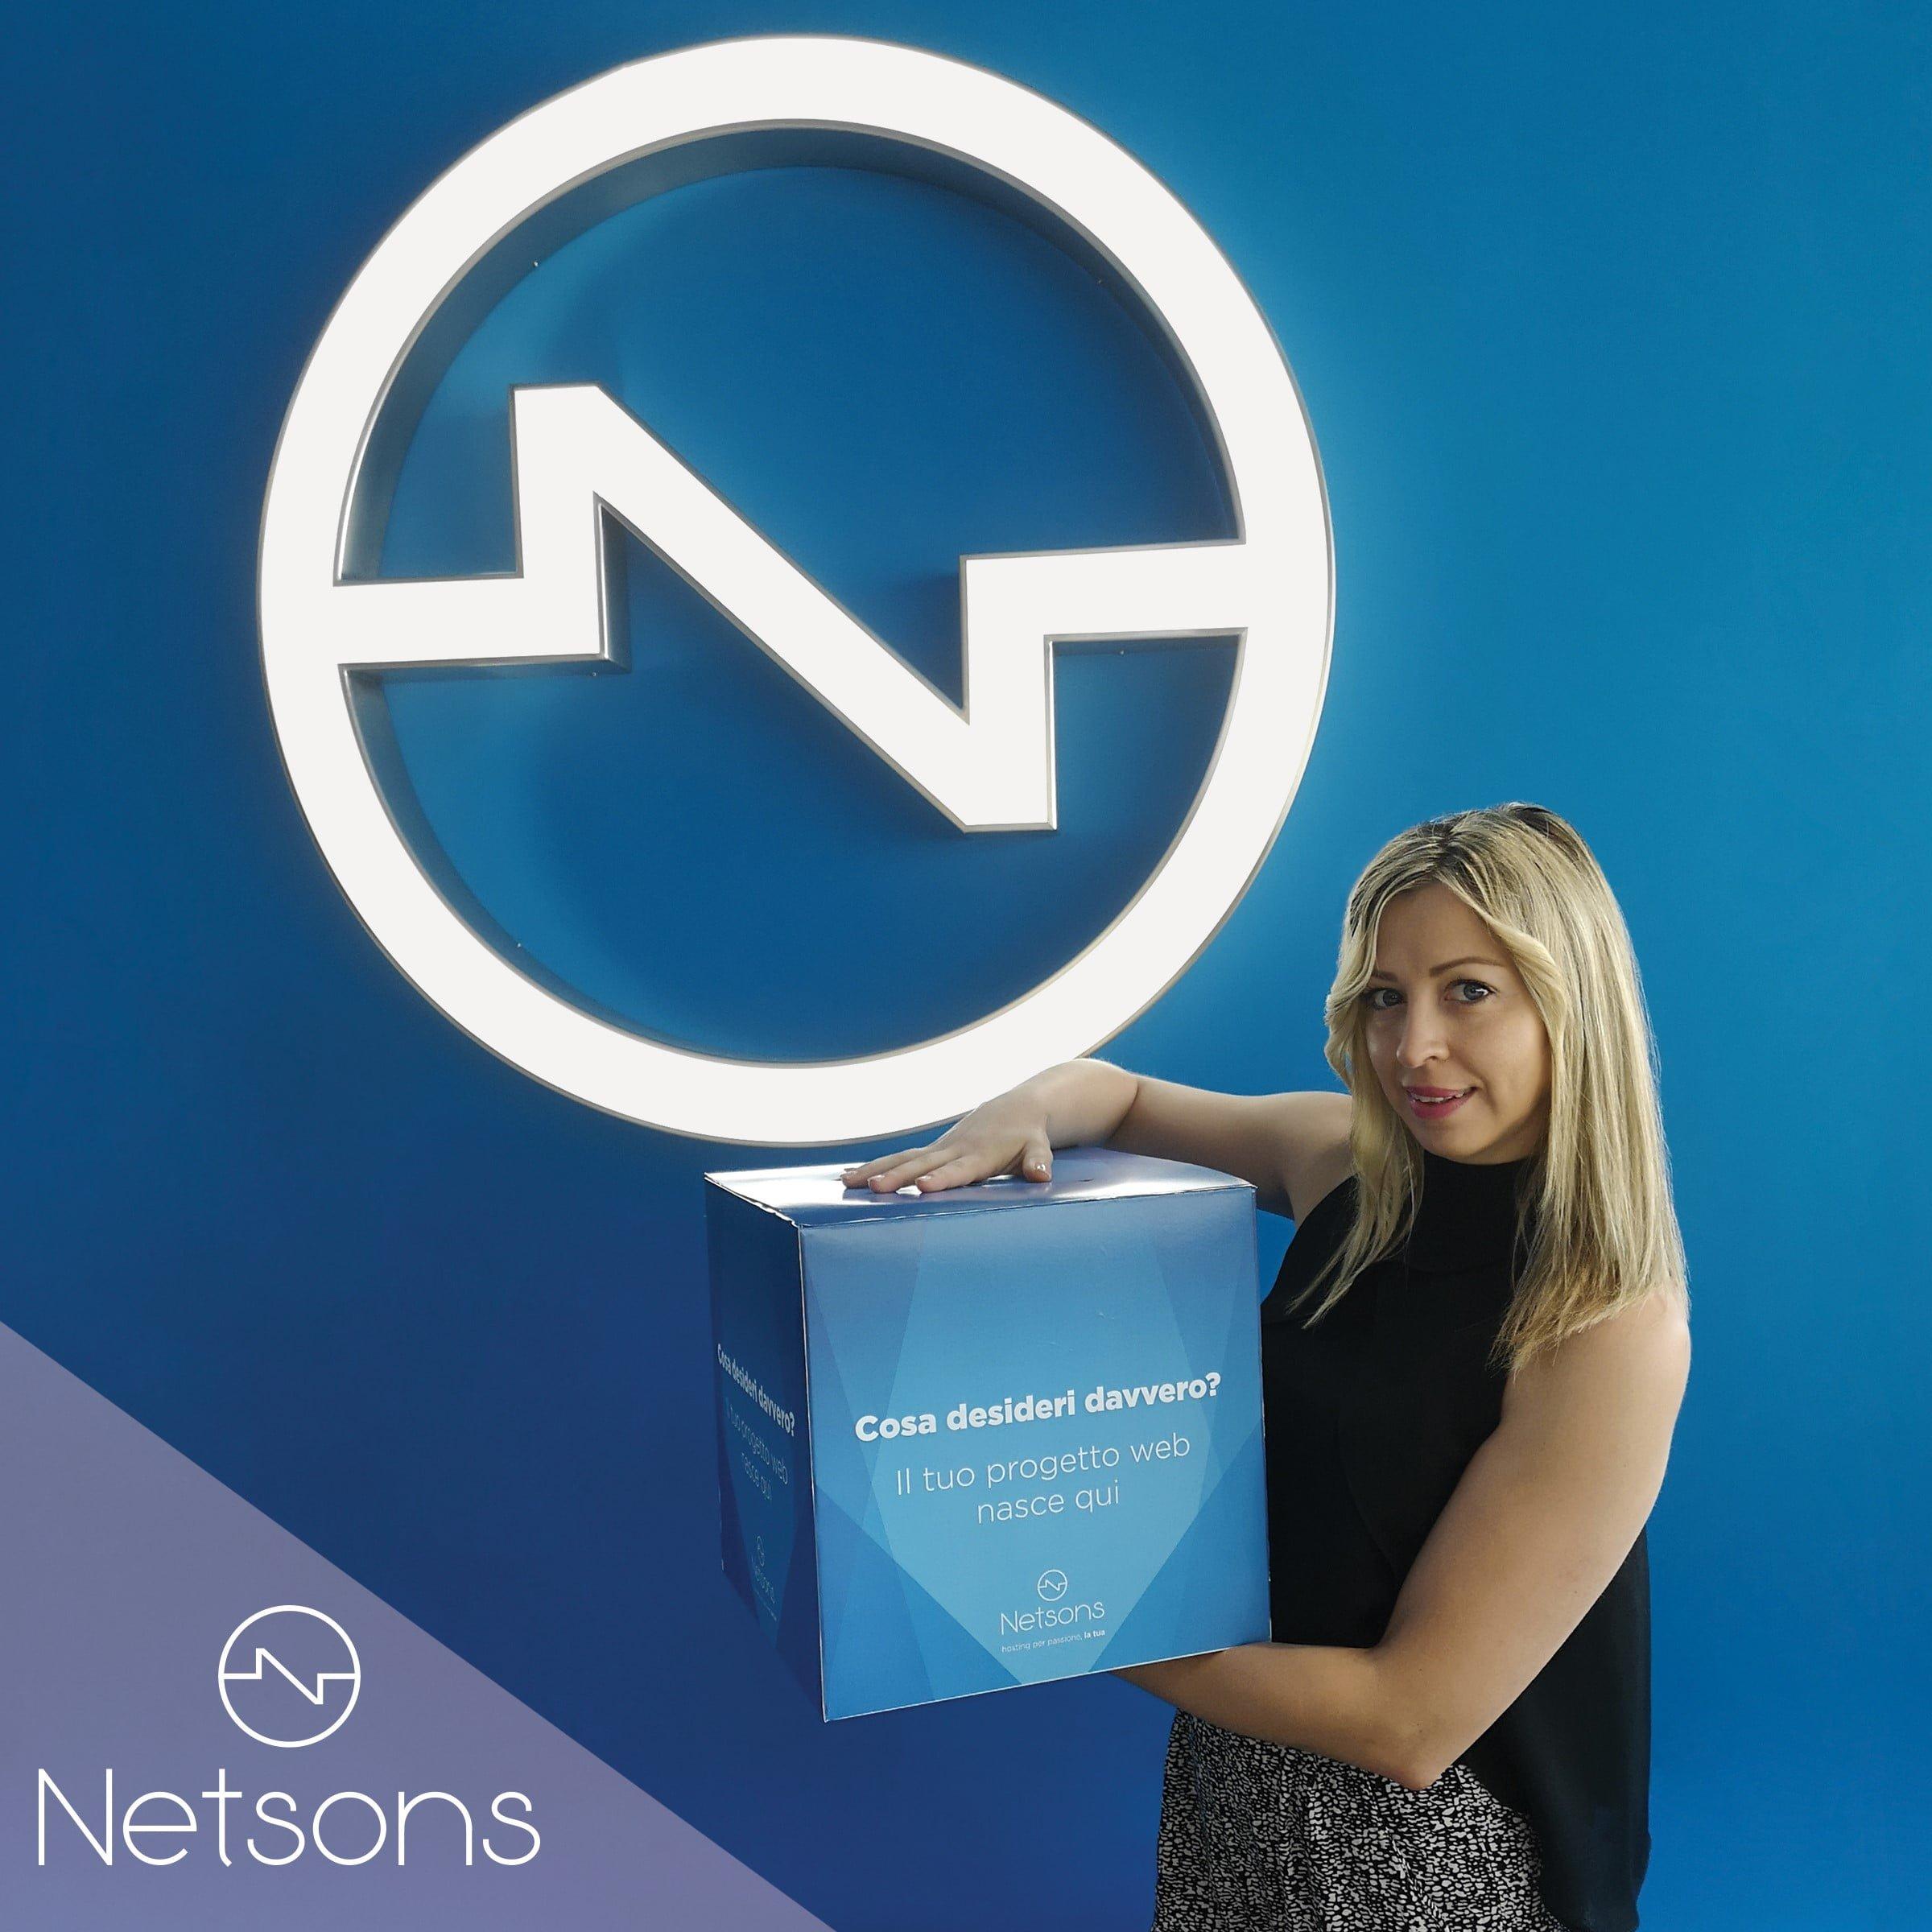 netsons box